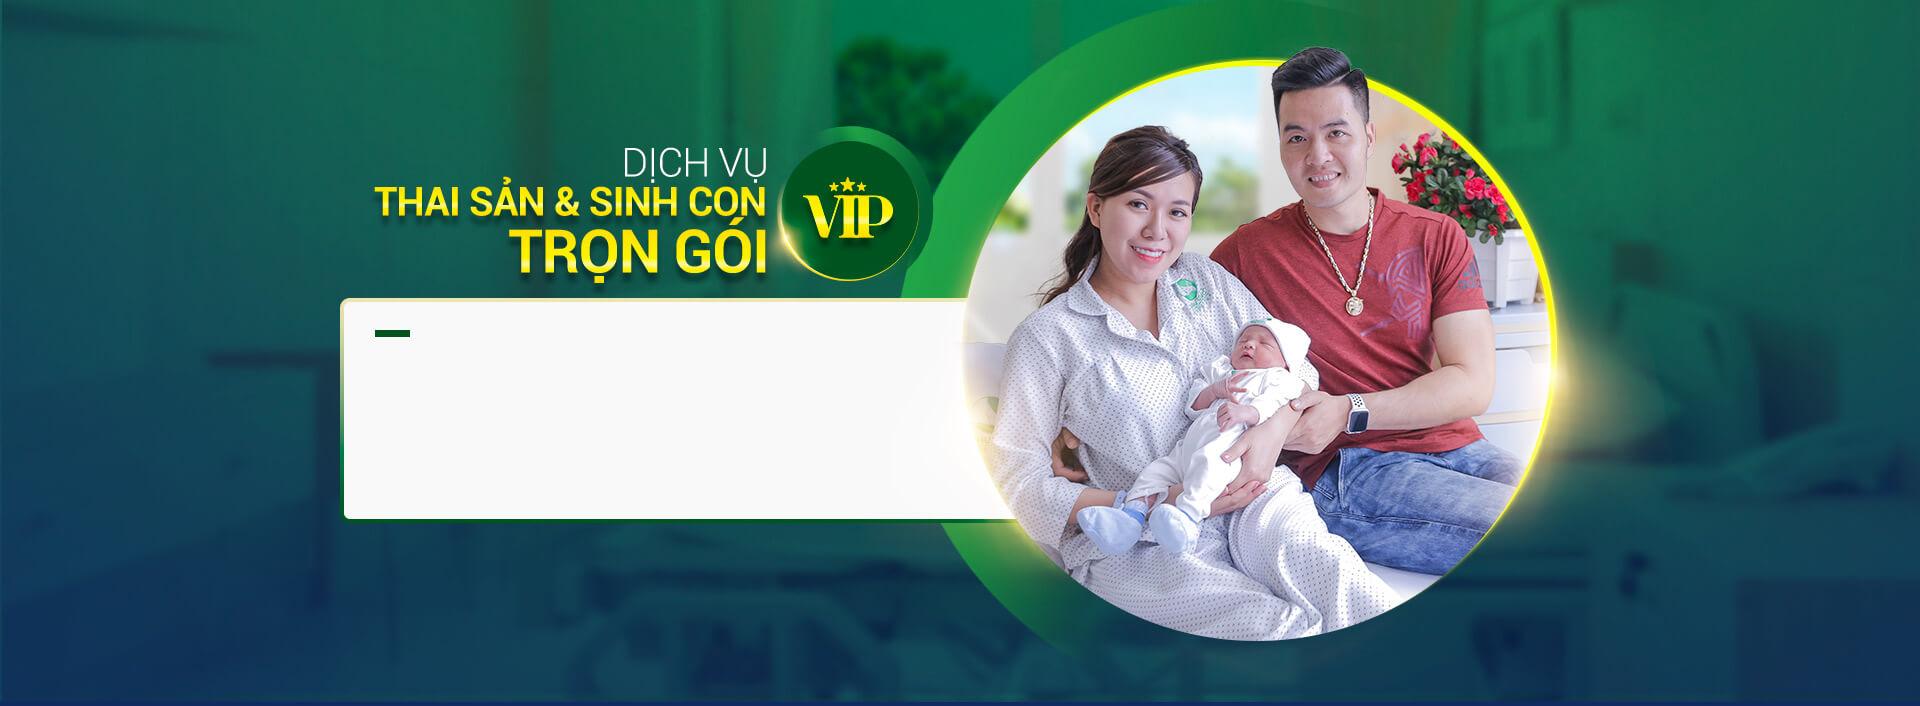 Dịch vụ thai sản và sinh con trọn gói VIP